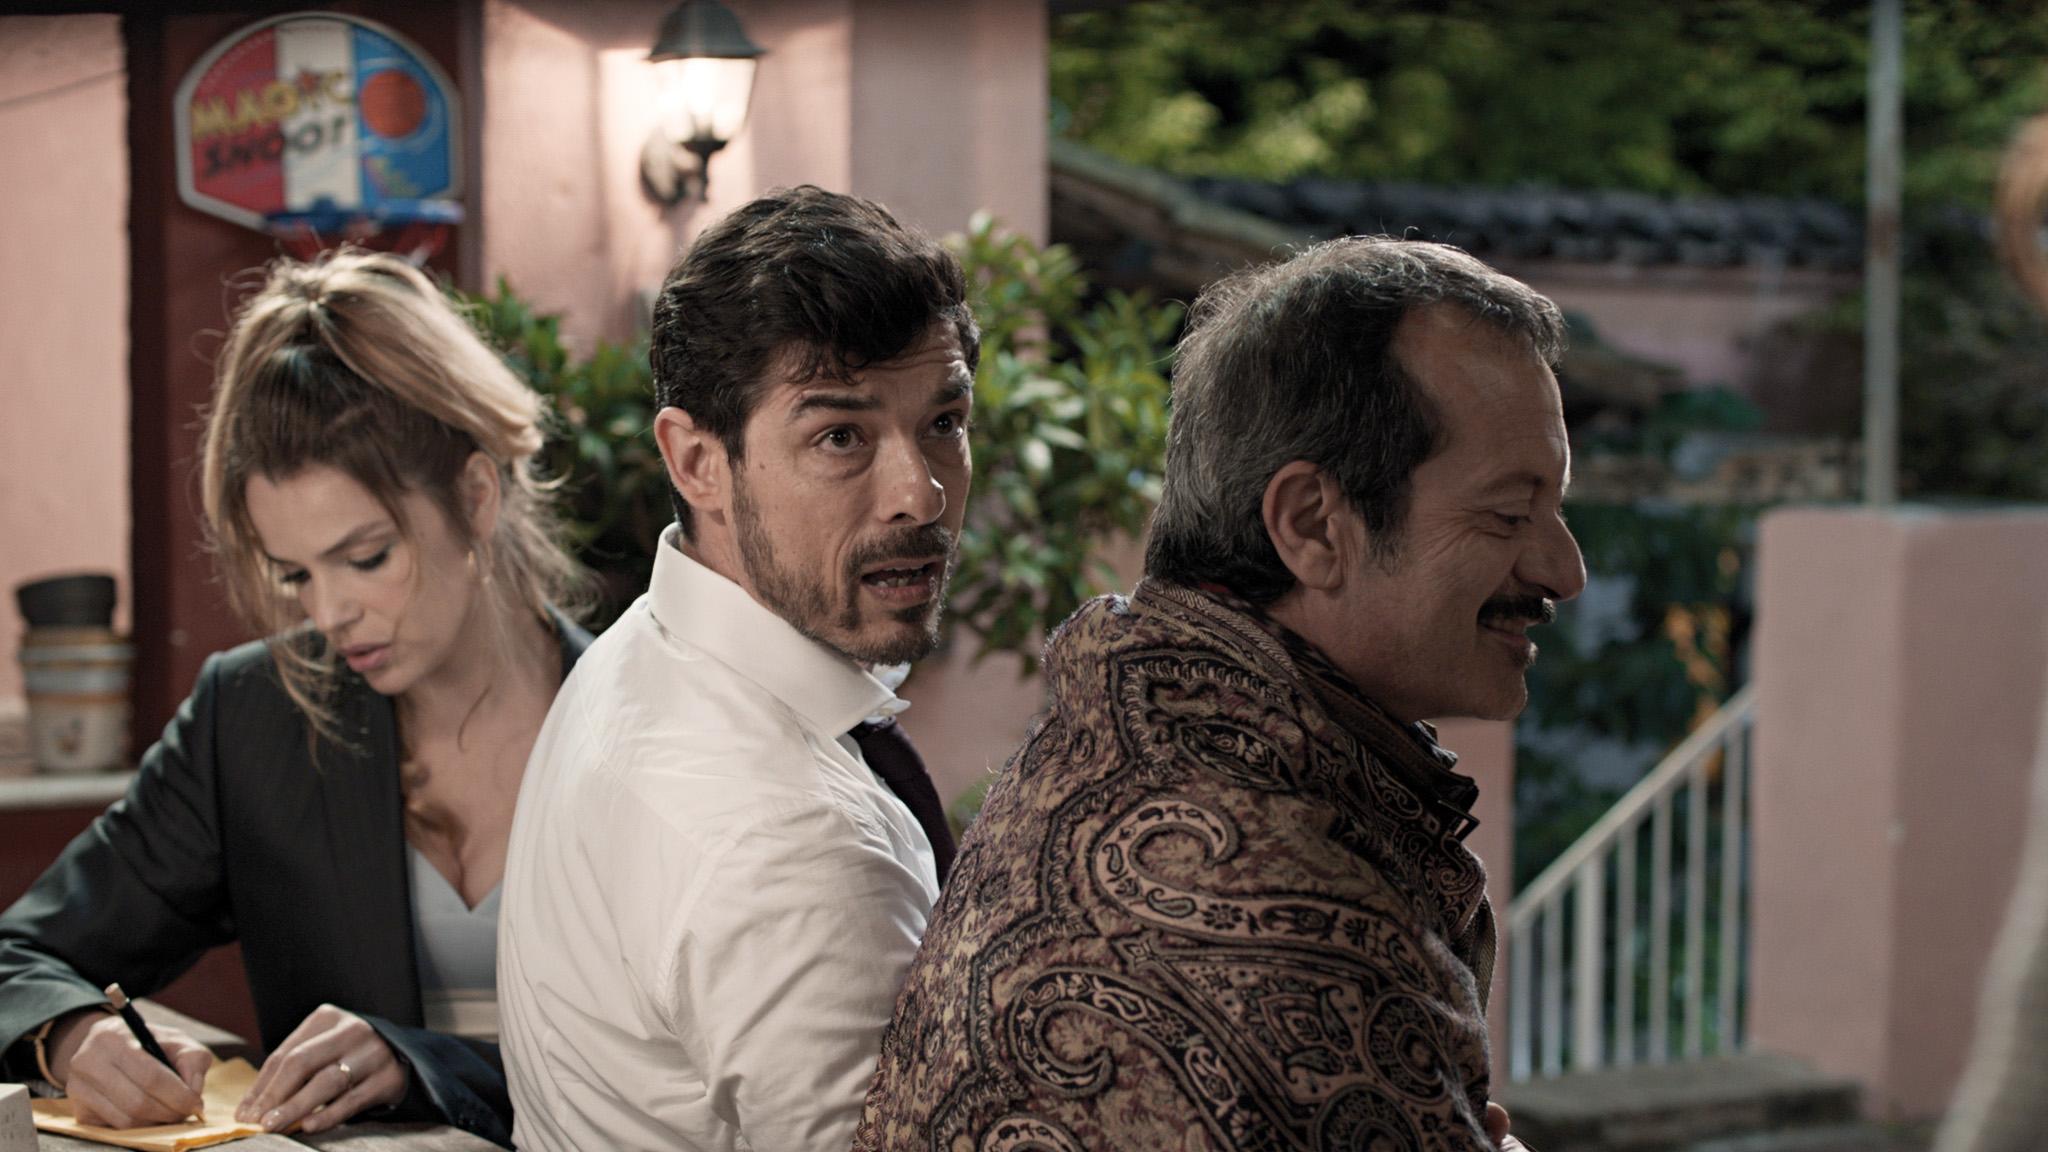 Alessandro Gassmann, Rocco Papaleo, and Micaela Ramazzotti in Il nome del figlio (2015)